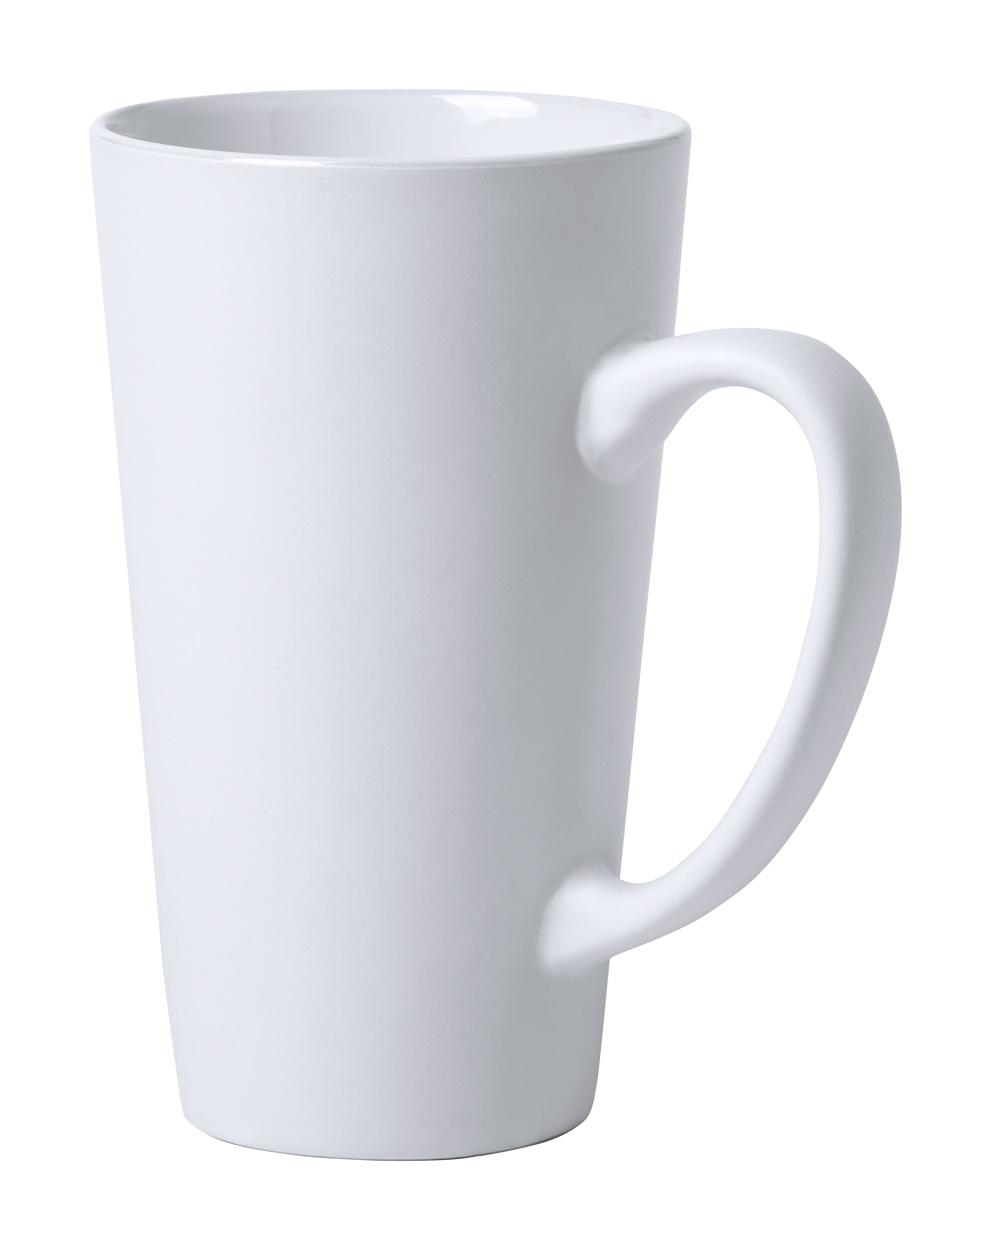 Korpus mug